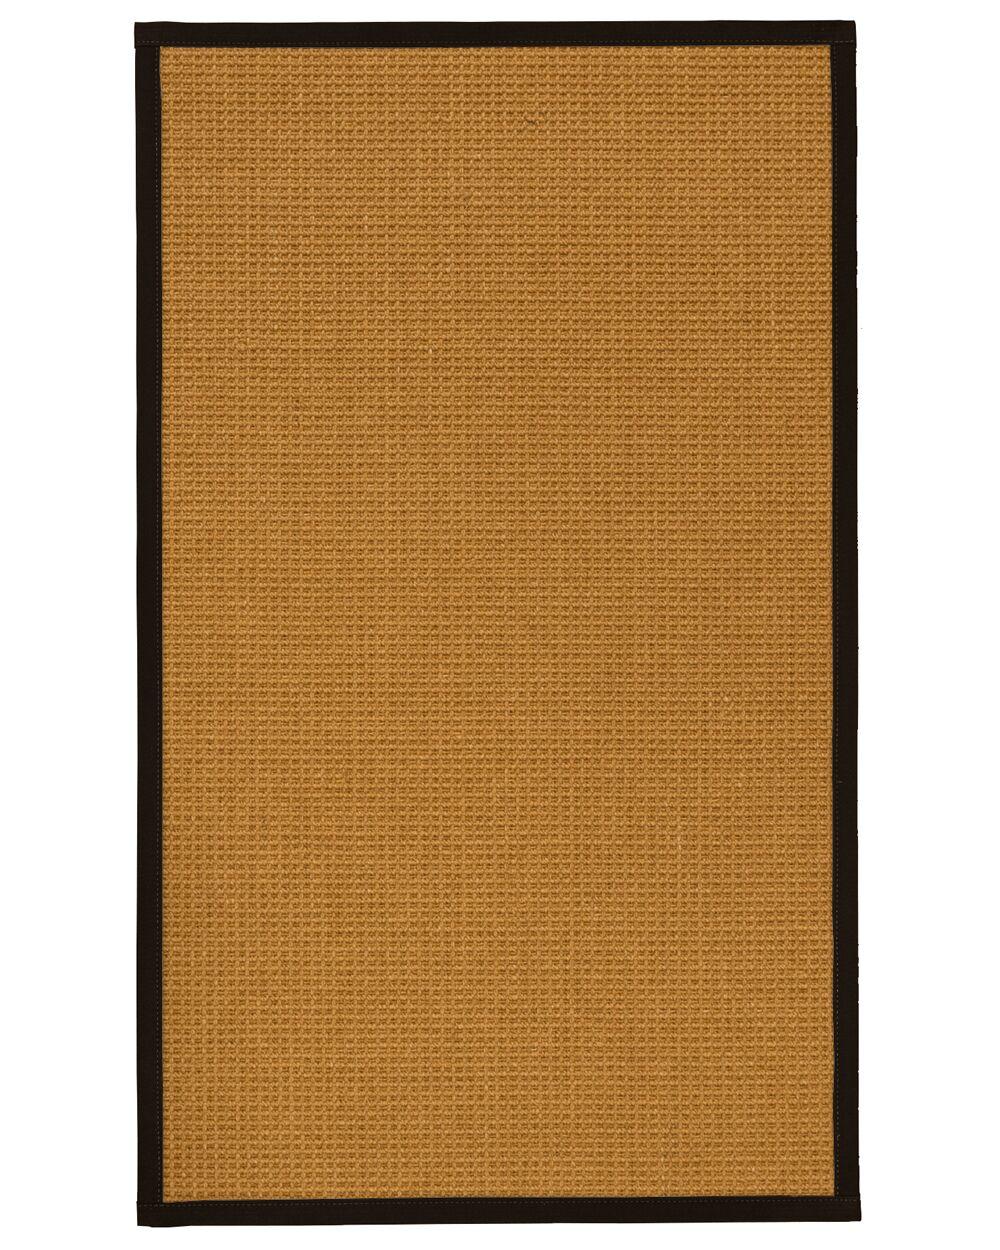 Aula Handwoven Flatweave Beige Area Rug Rug Size: Rectangle 9' x 12'